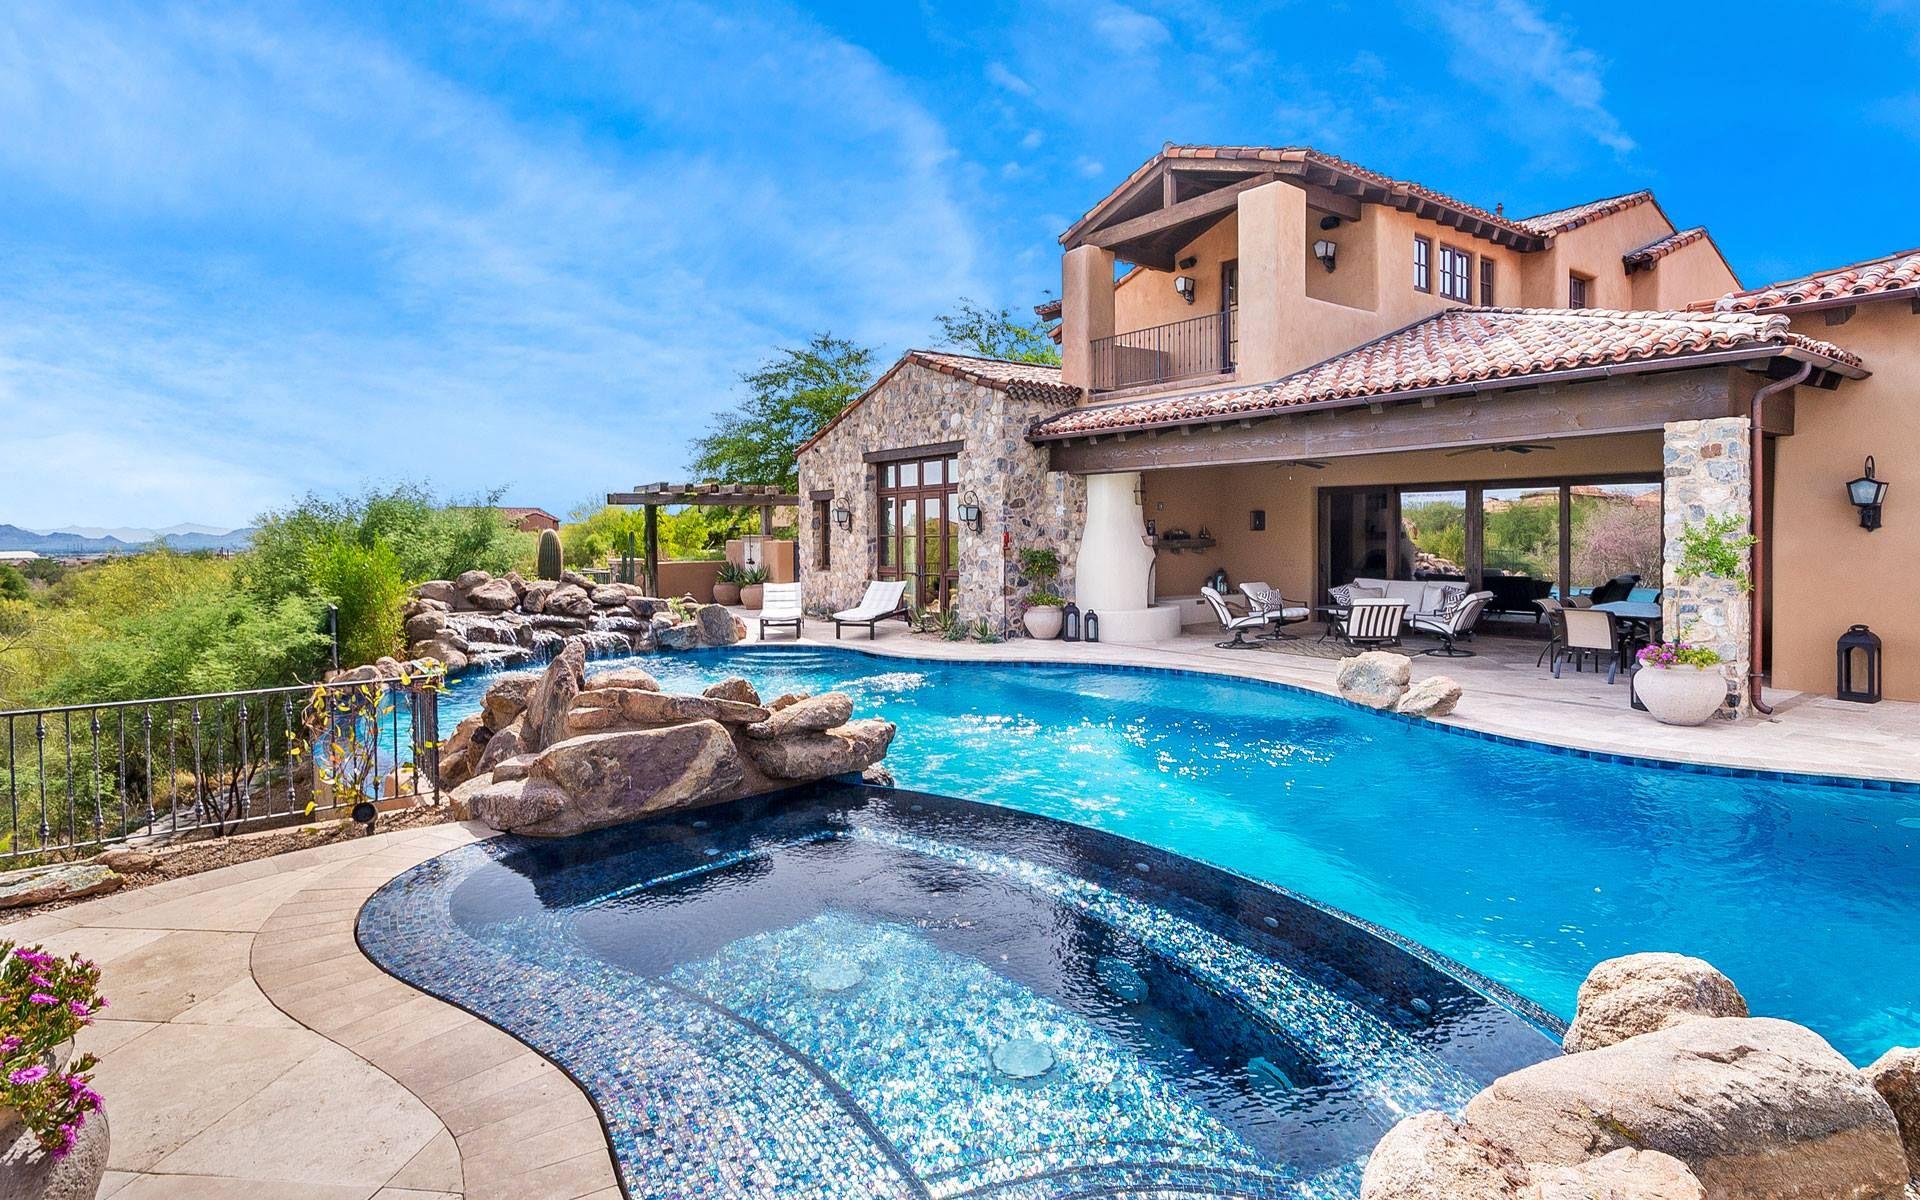 Designers Outdoor Landscape Design Building A Pool Landscape Design Diy